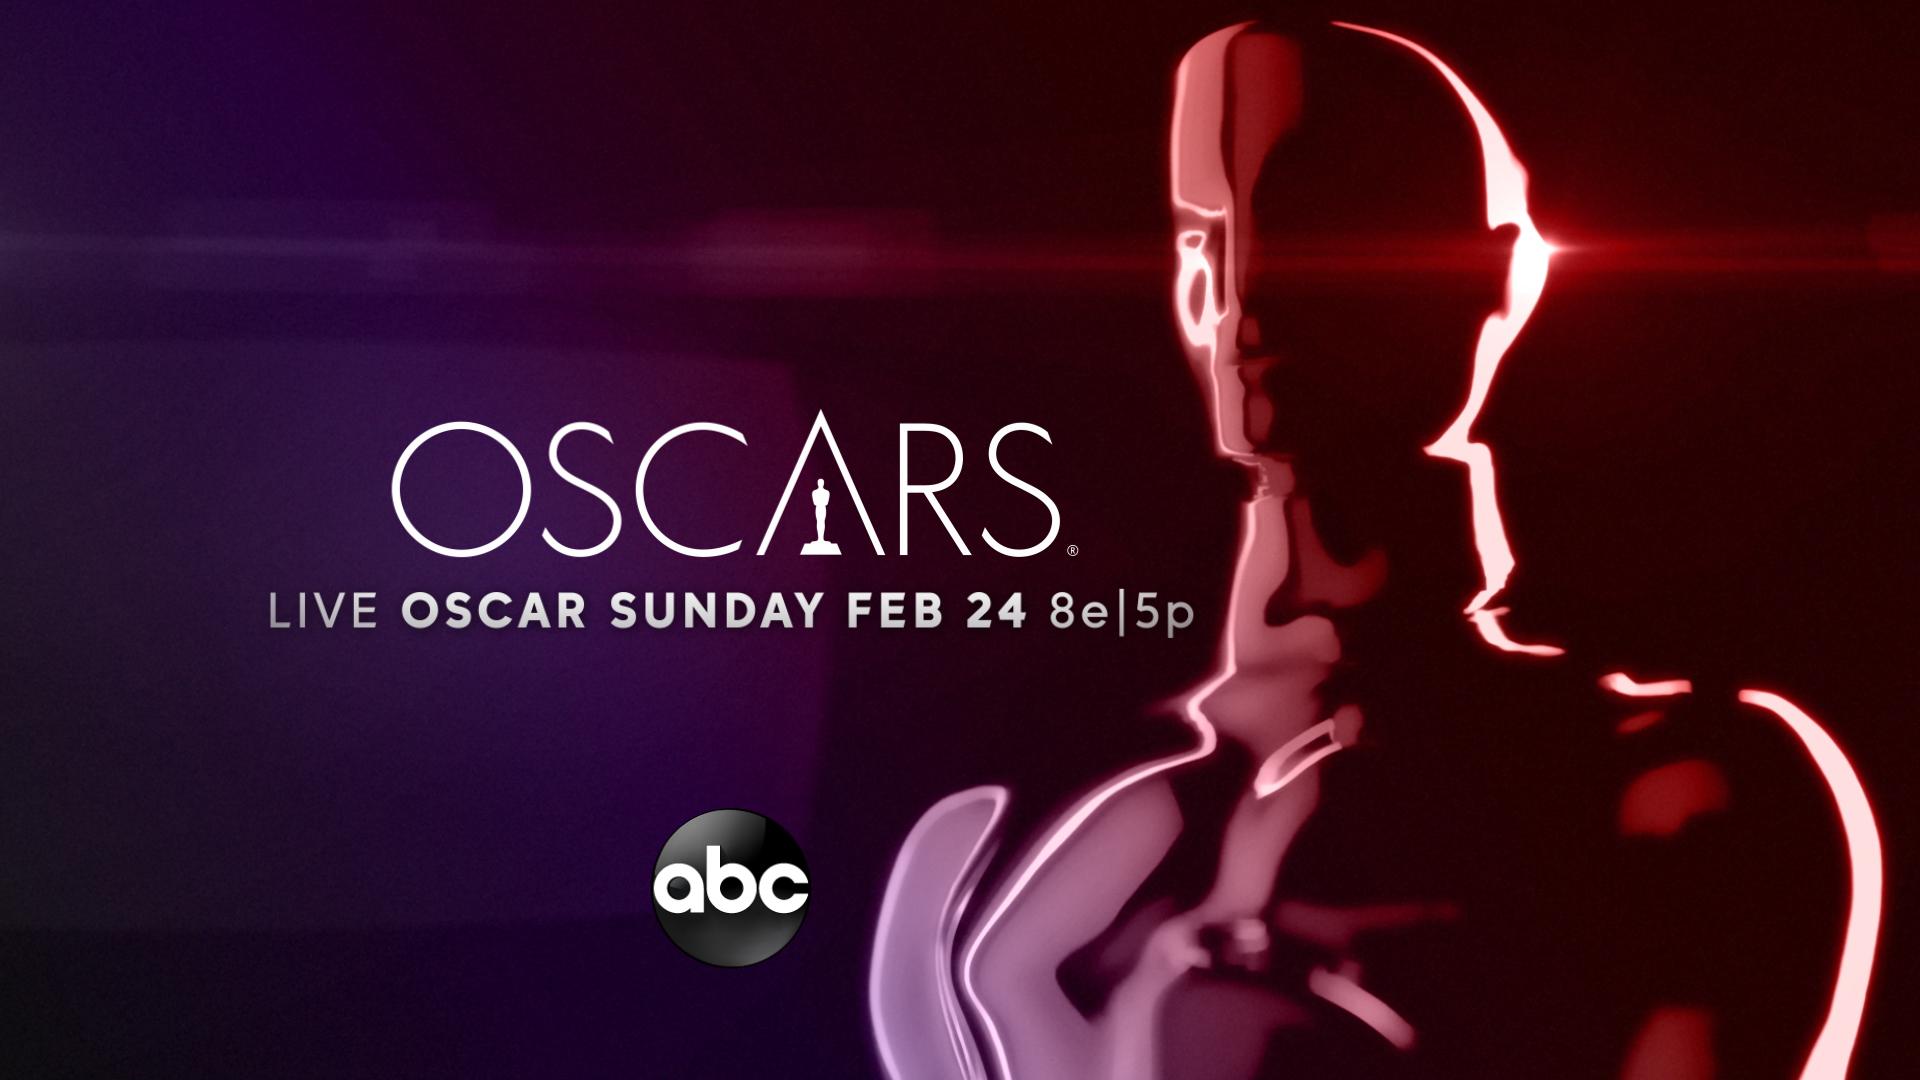 2019 Oscars Logo (ABC)_1551035120949.jpg.jpg